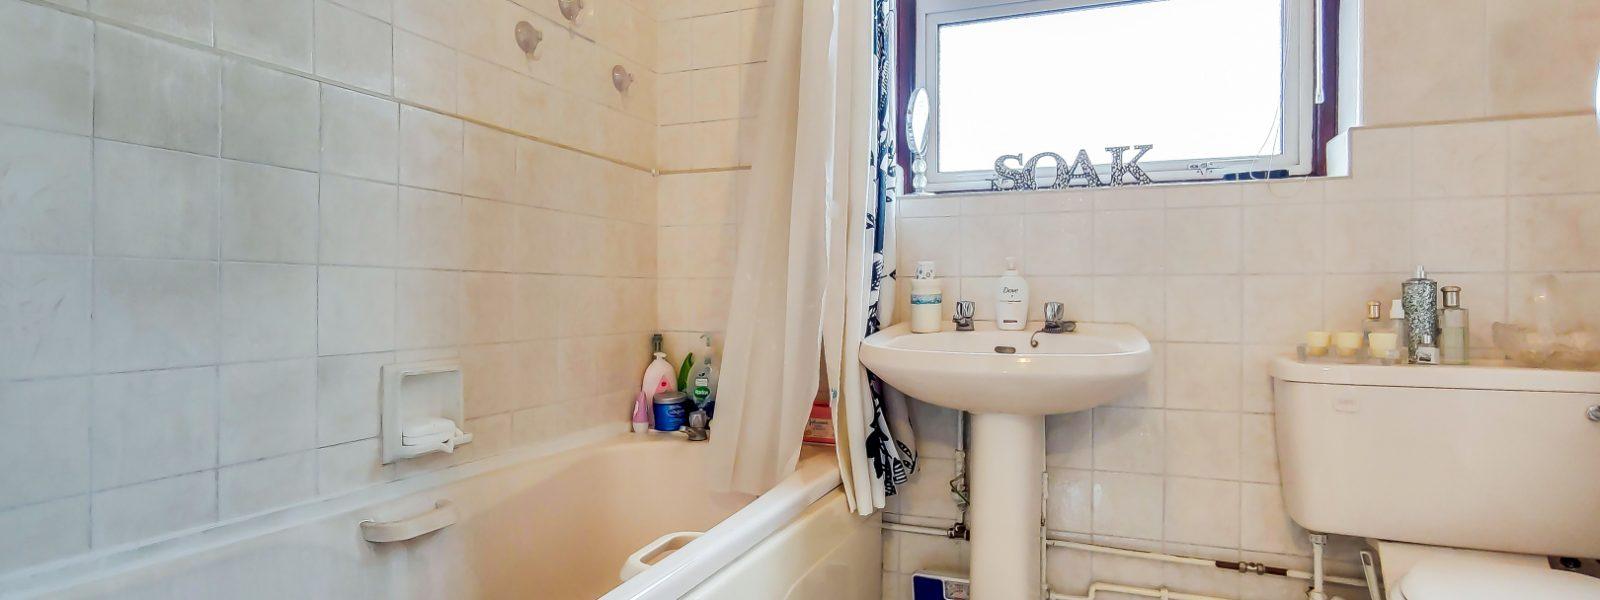 12_Bathroom-0